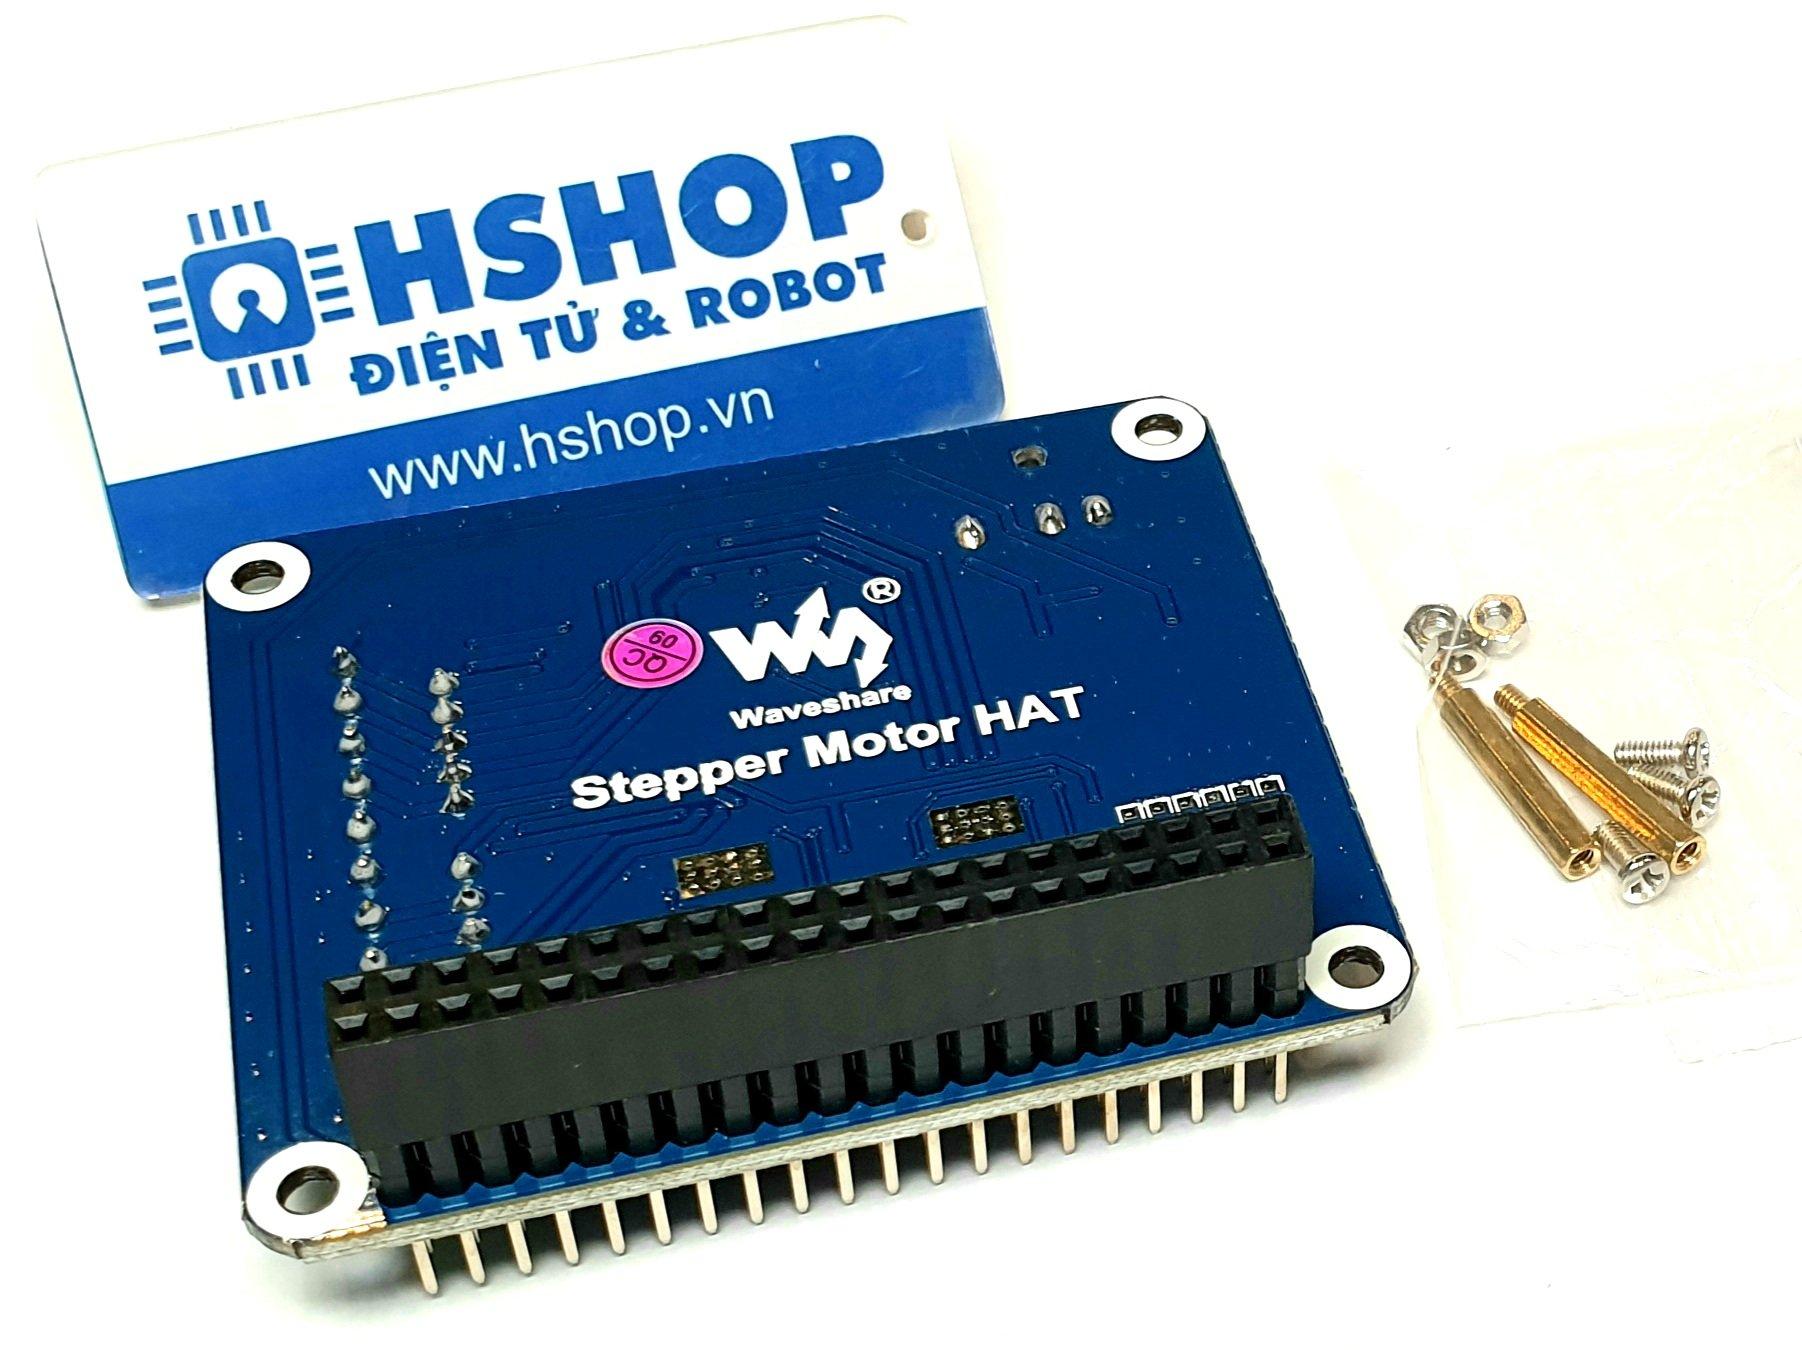 Mạch Waveshare Stepper Motor HAT for Raspberry Pi